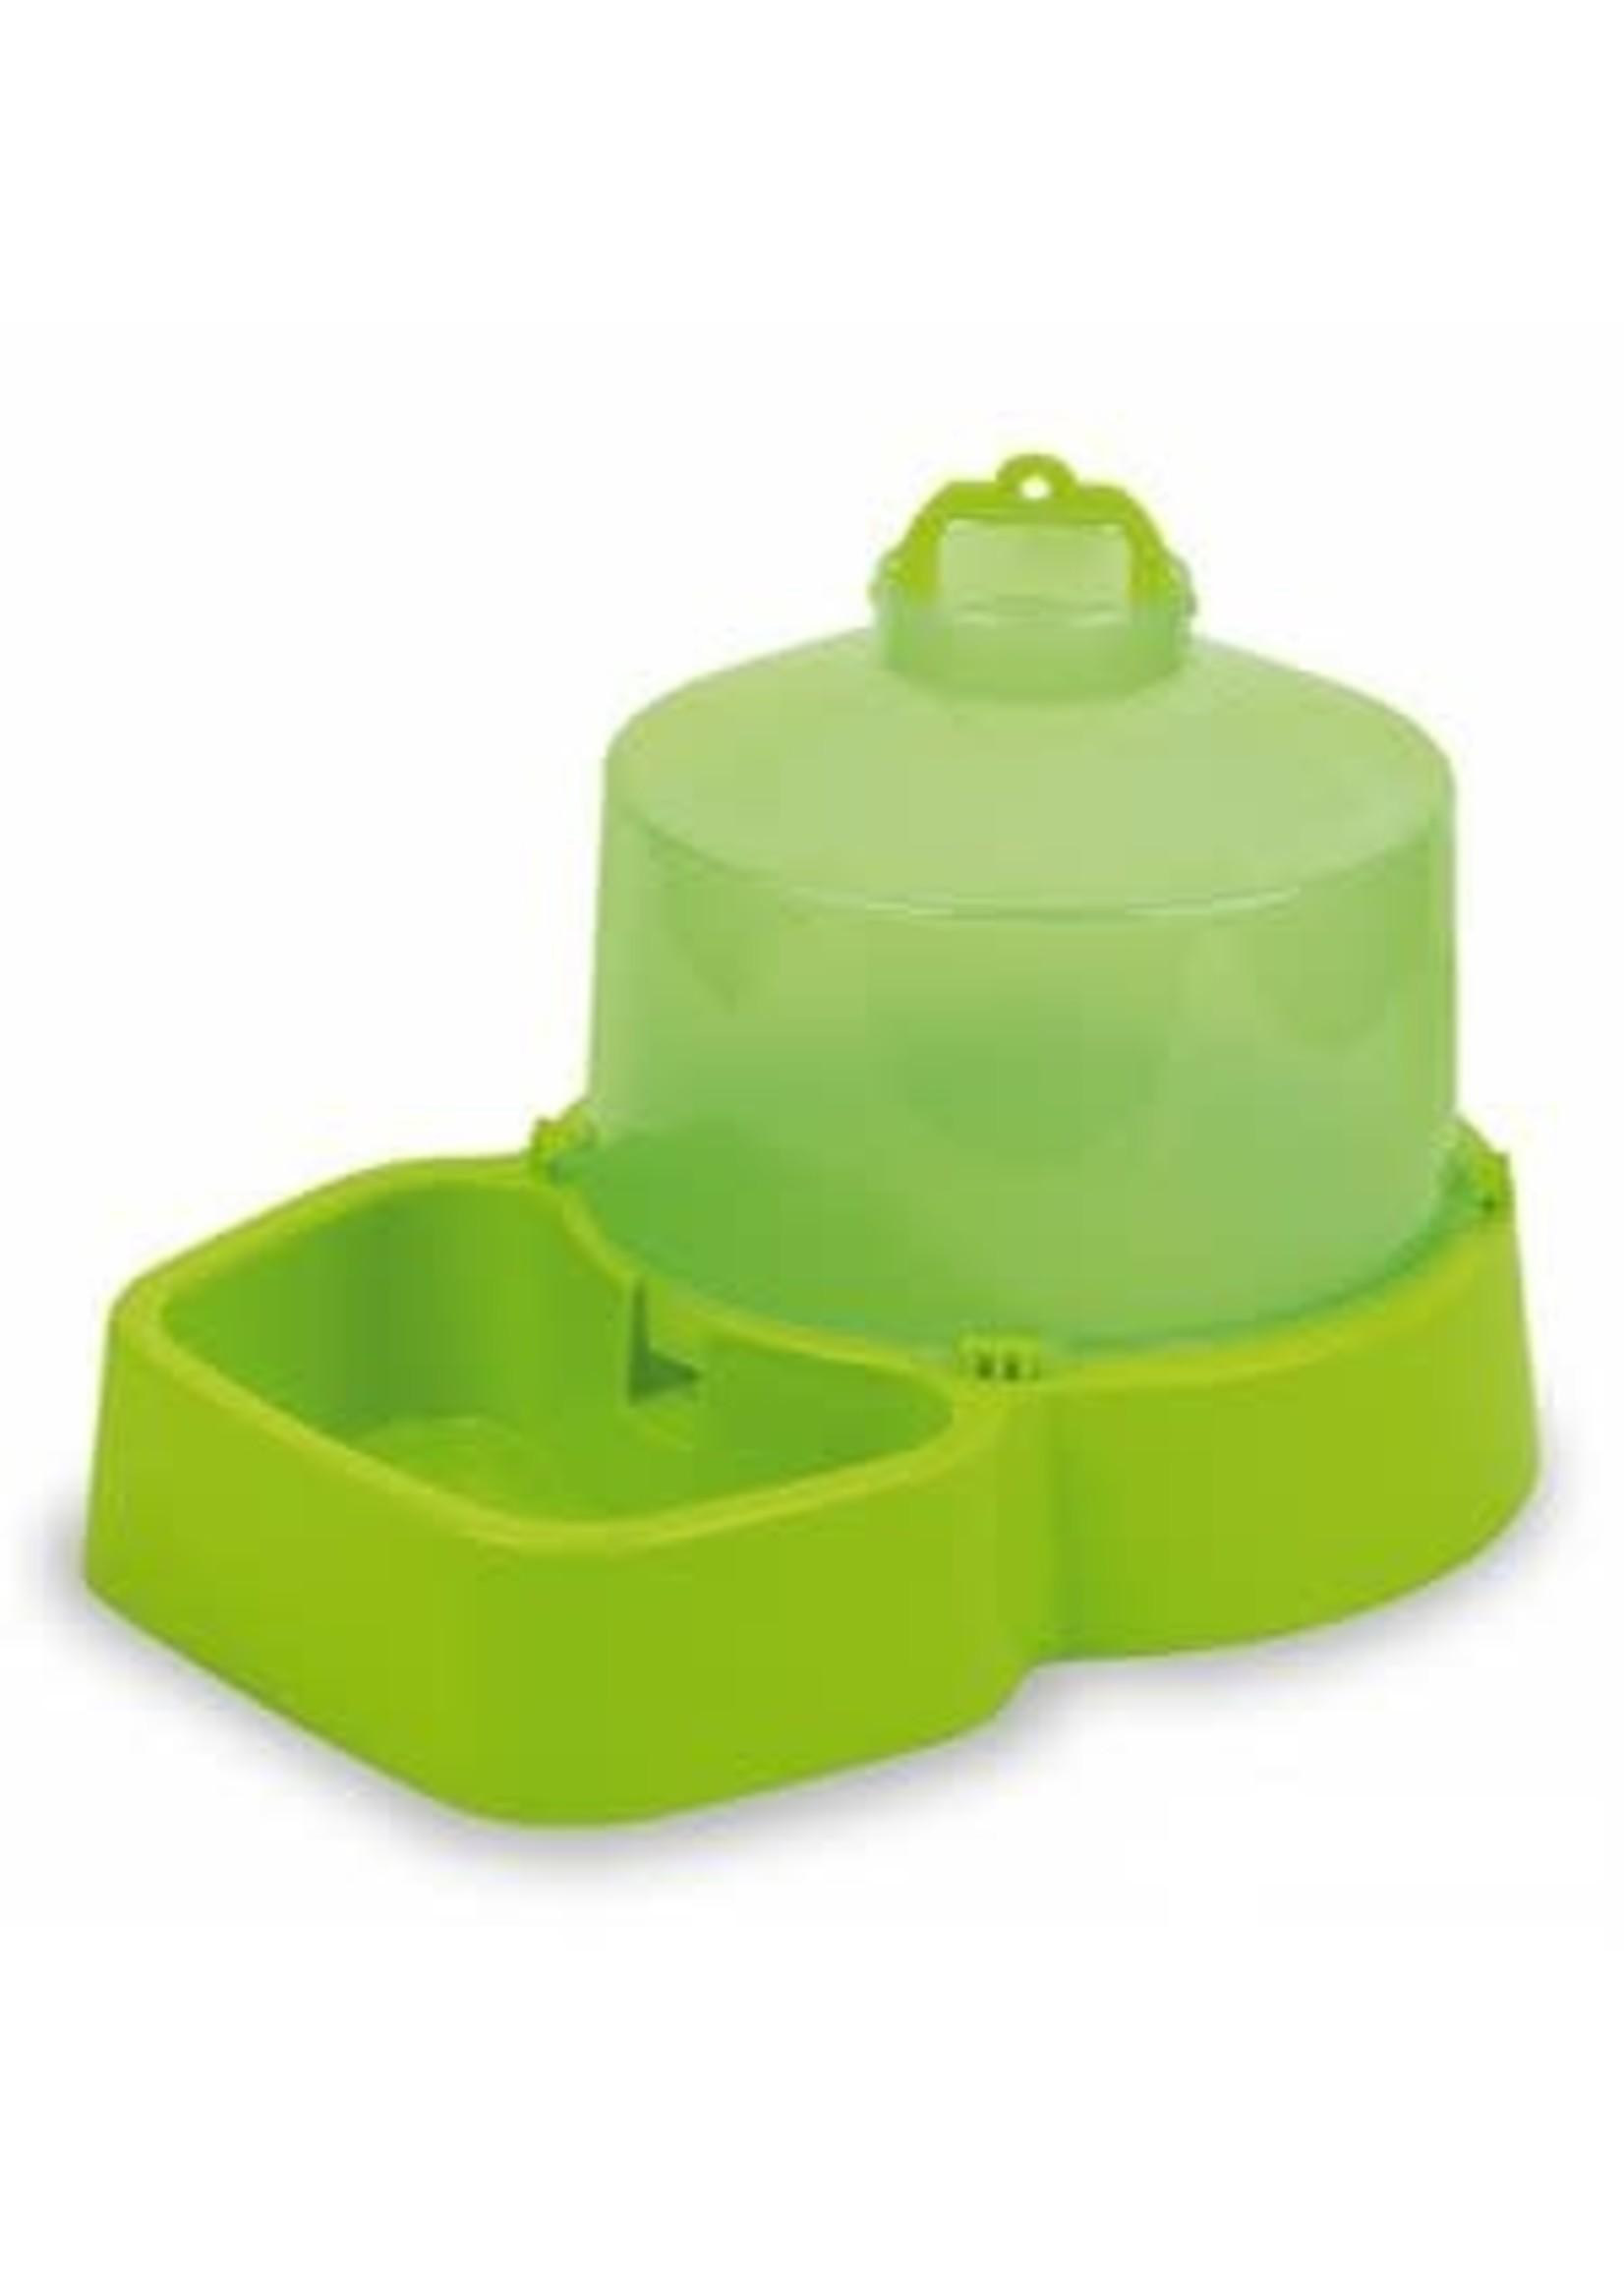 Gaun Abreuvoir pour petits animaux vert lime 5 L